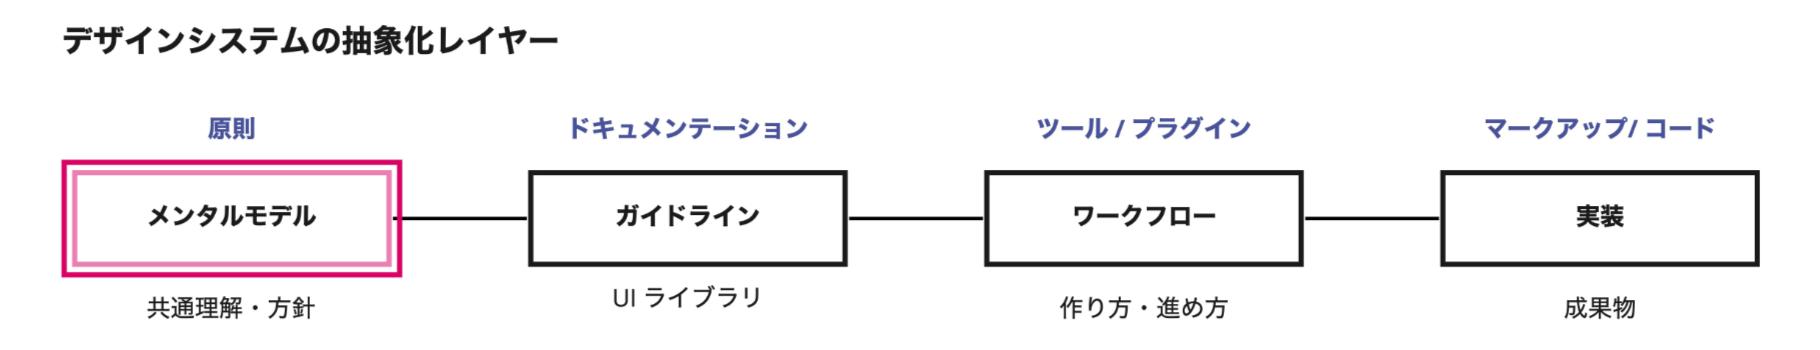 デザインシステムの概念的レイヤー